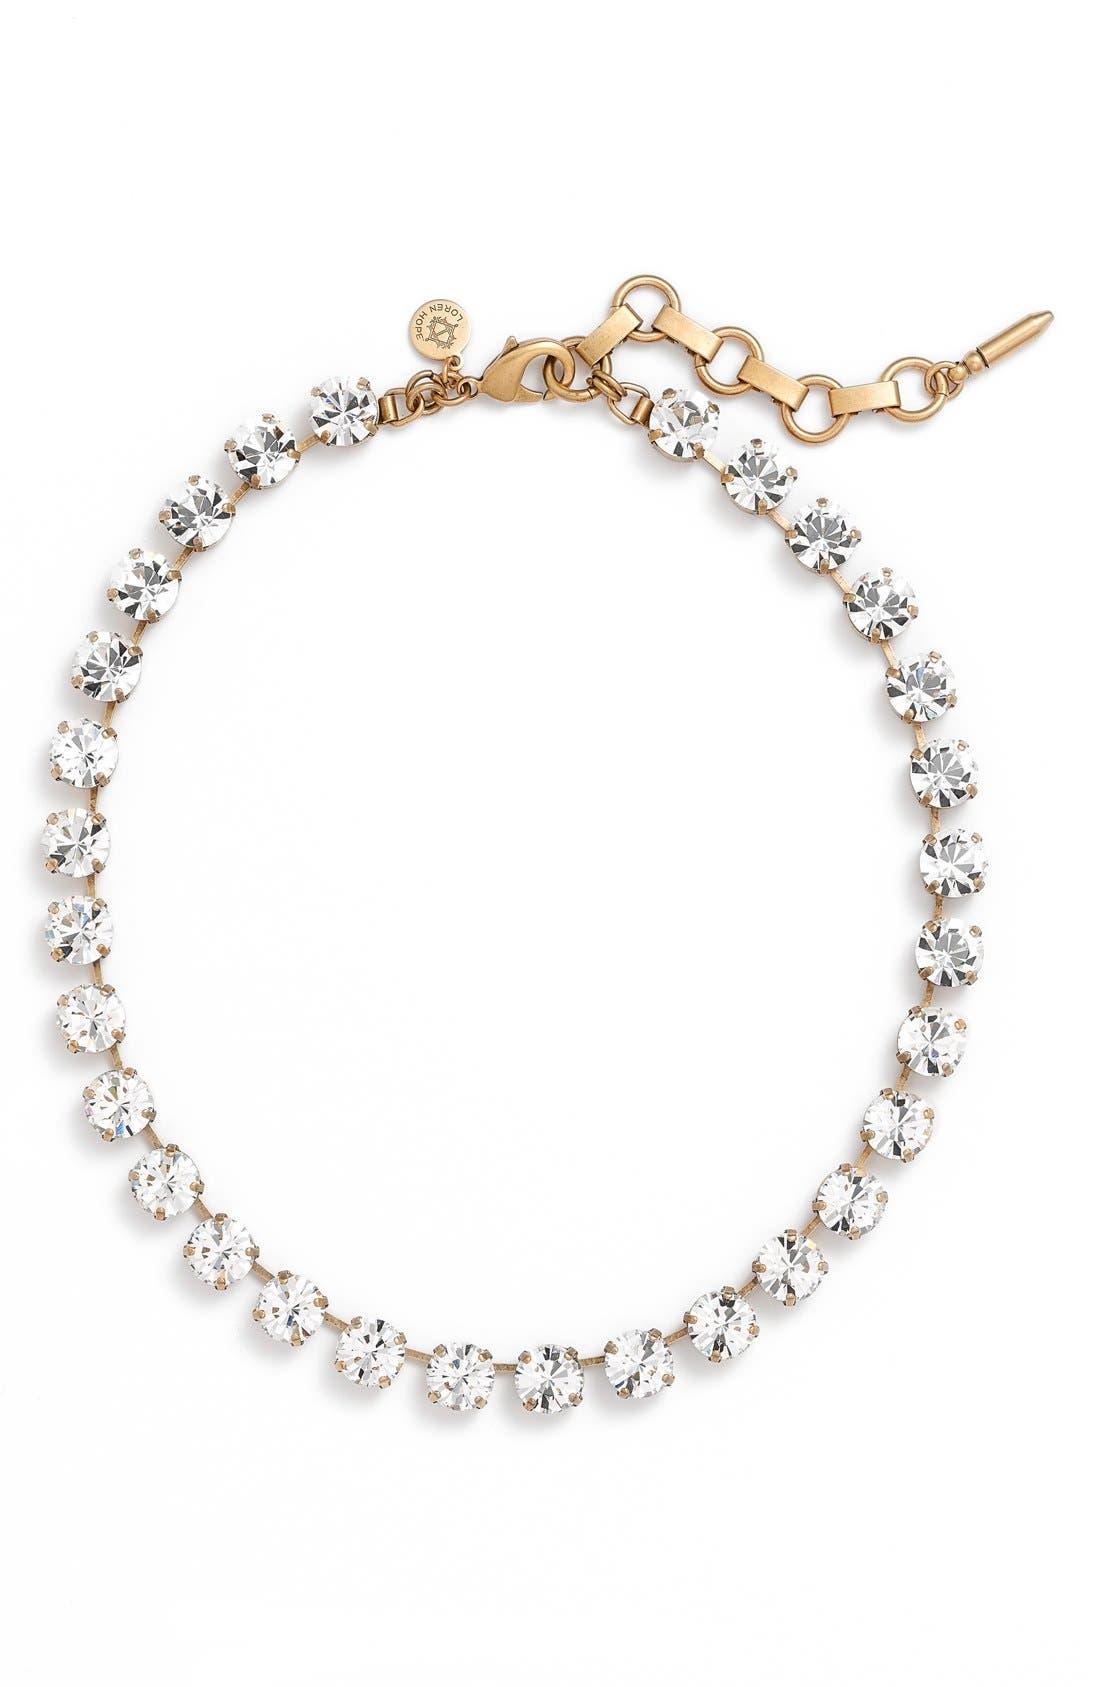 Loren Hope 'Kaylee' Collar Necklace